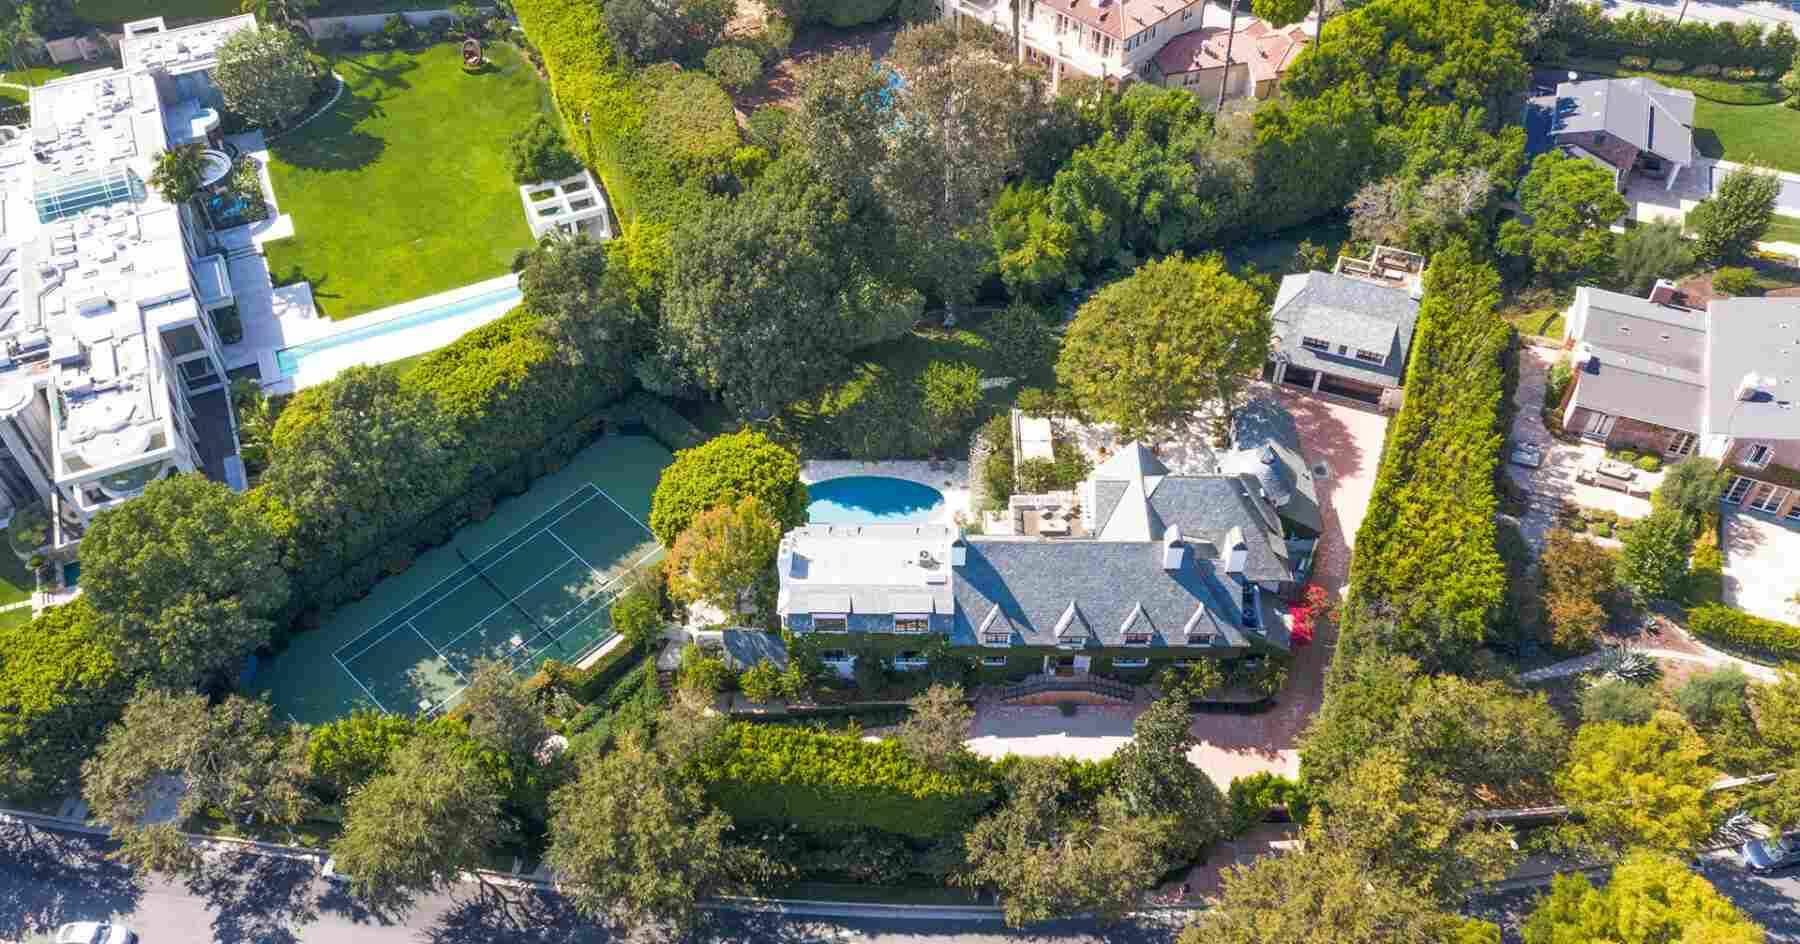 Ellen DeGeneres coloca mansão comprada de Adam Levine à venda por cerca de R$ 300 milhões (Foto: Reprodução/Instagram/GettyImages/WEA Homes)